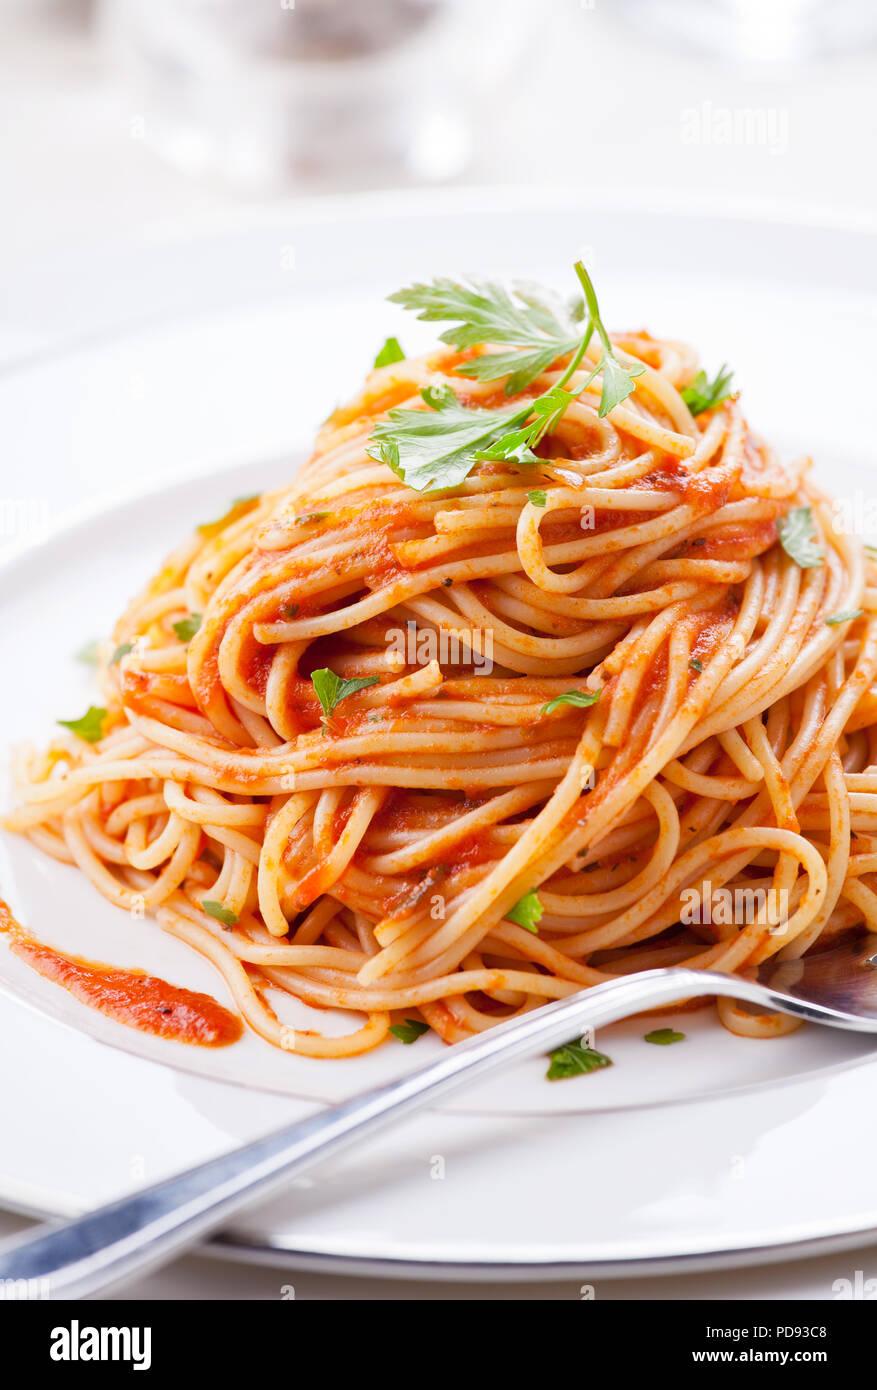 Piatto di pasta fatta in casa con salsa di pomodoro e prezzemolo Immagini Stock